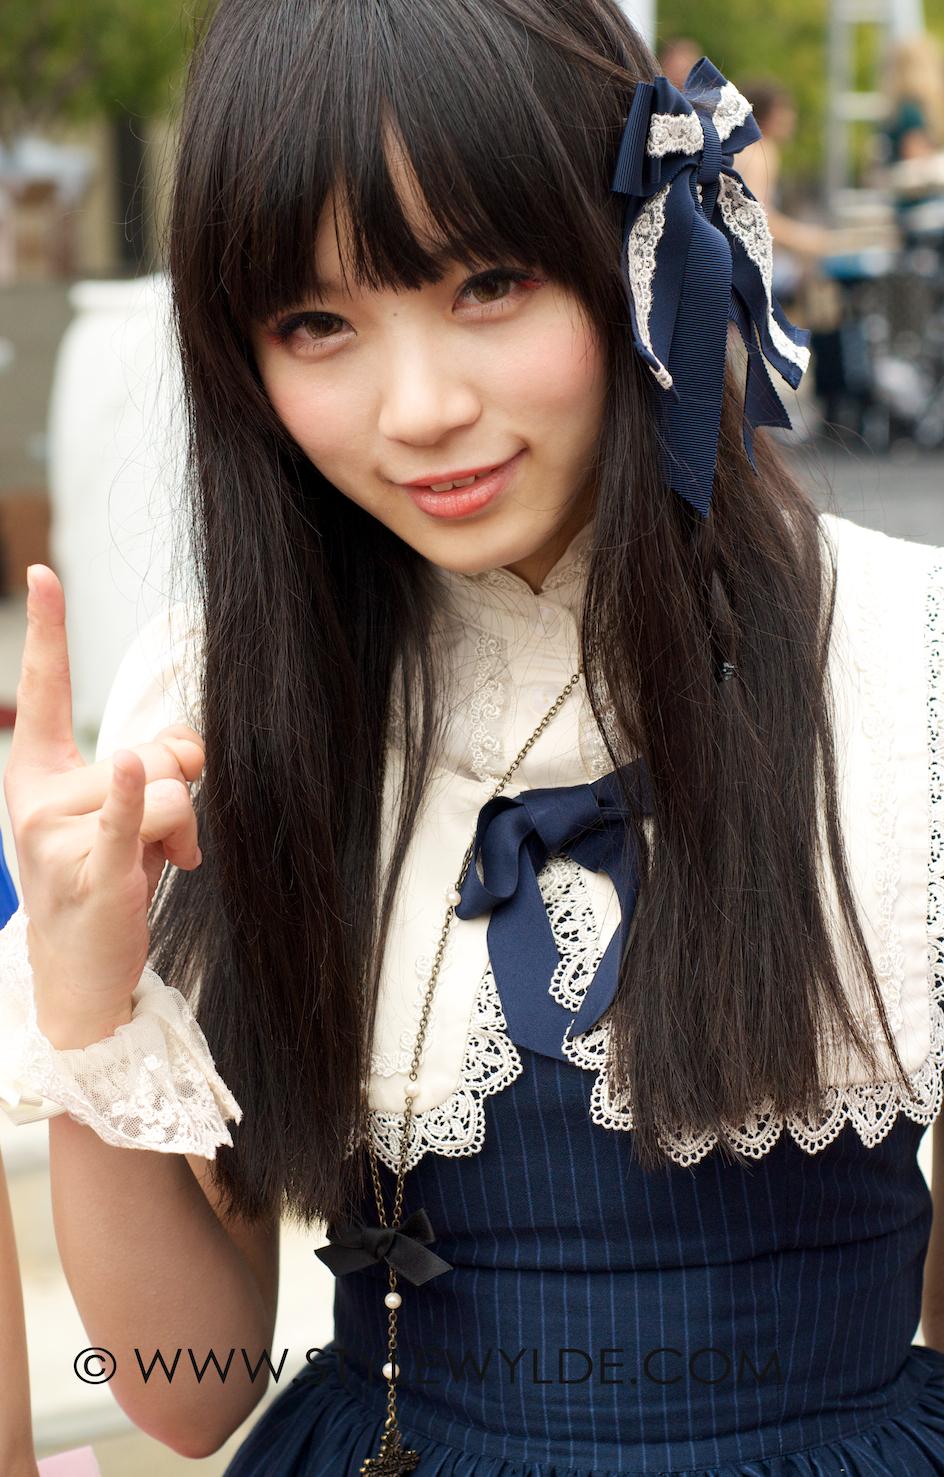 stylewylde_yura_july27_2nd.jpg